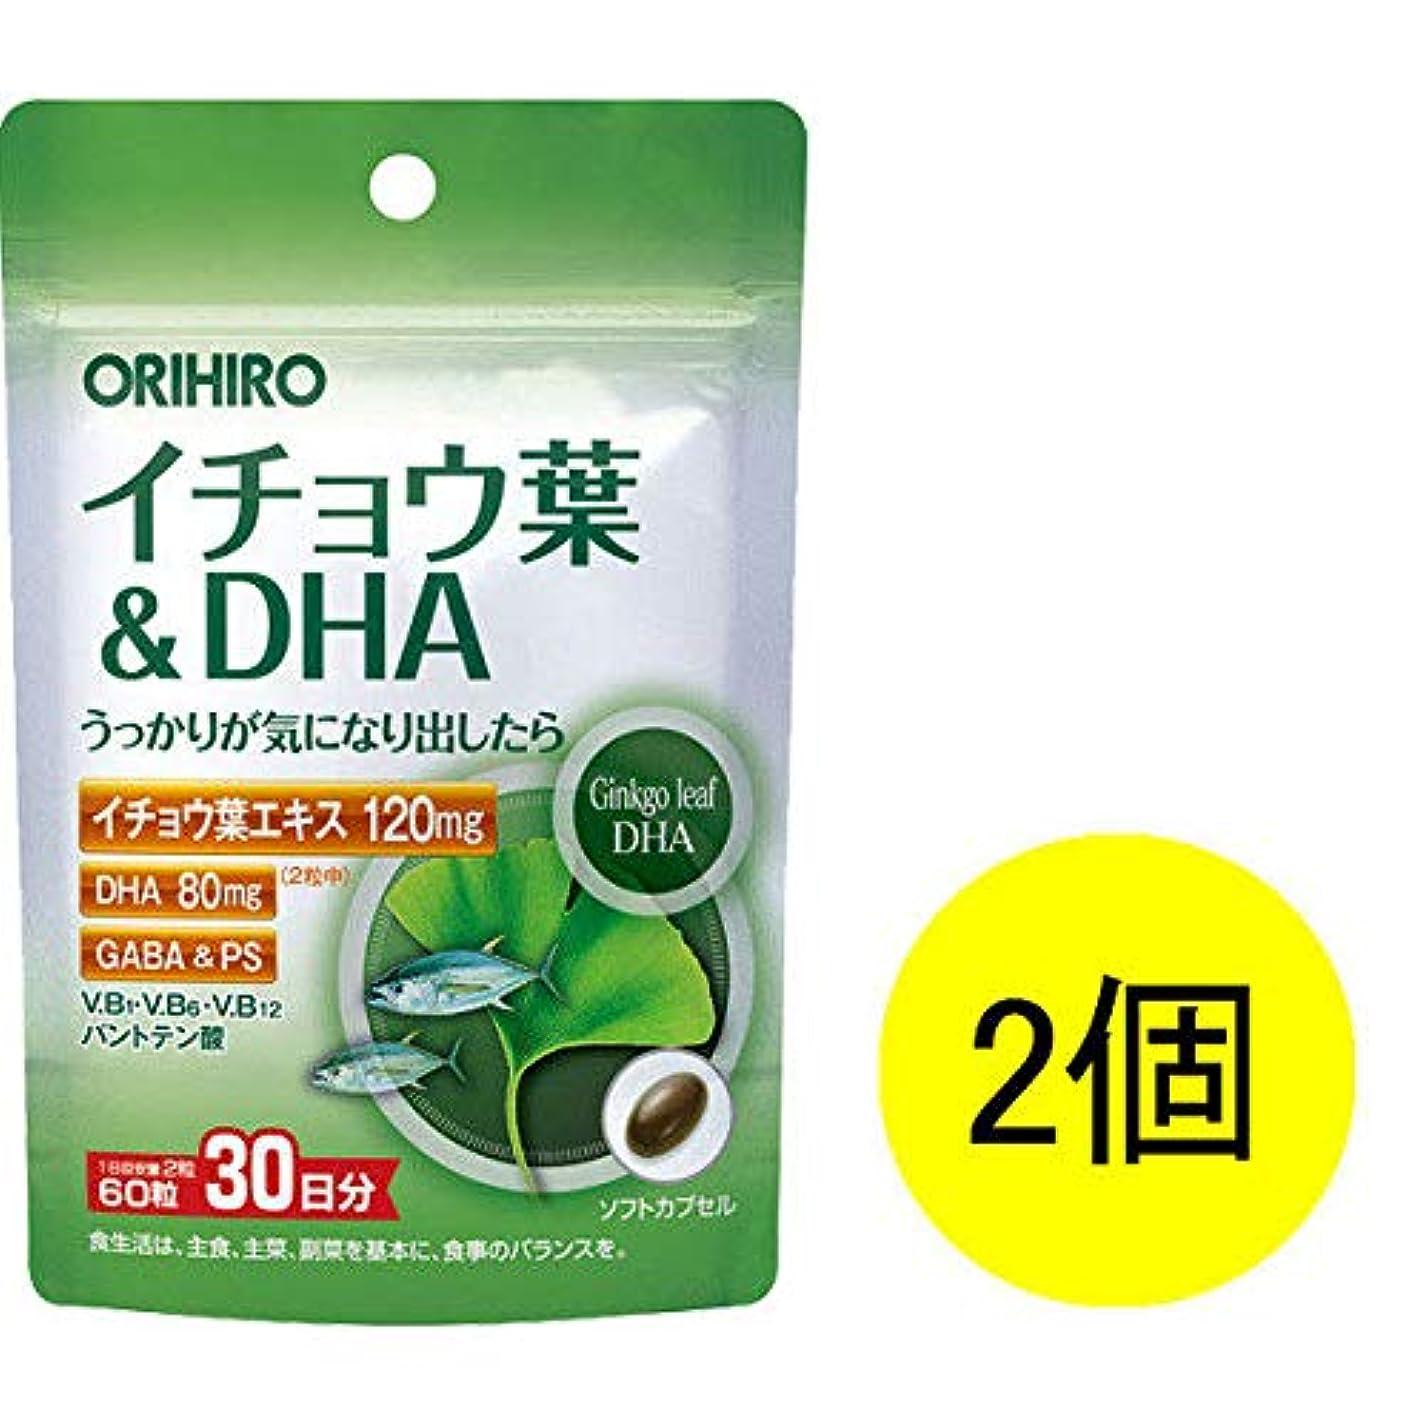 オートマトンヘッジパンフレットPD イチョウ葉&DHA 60粒